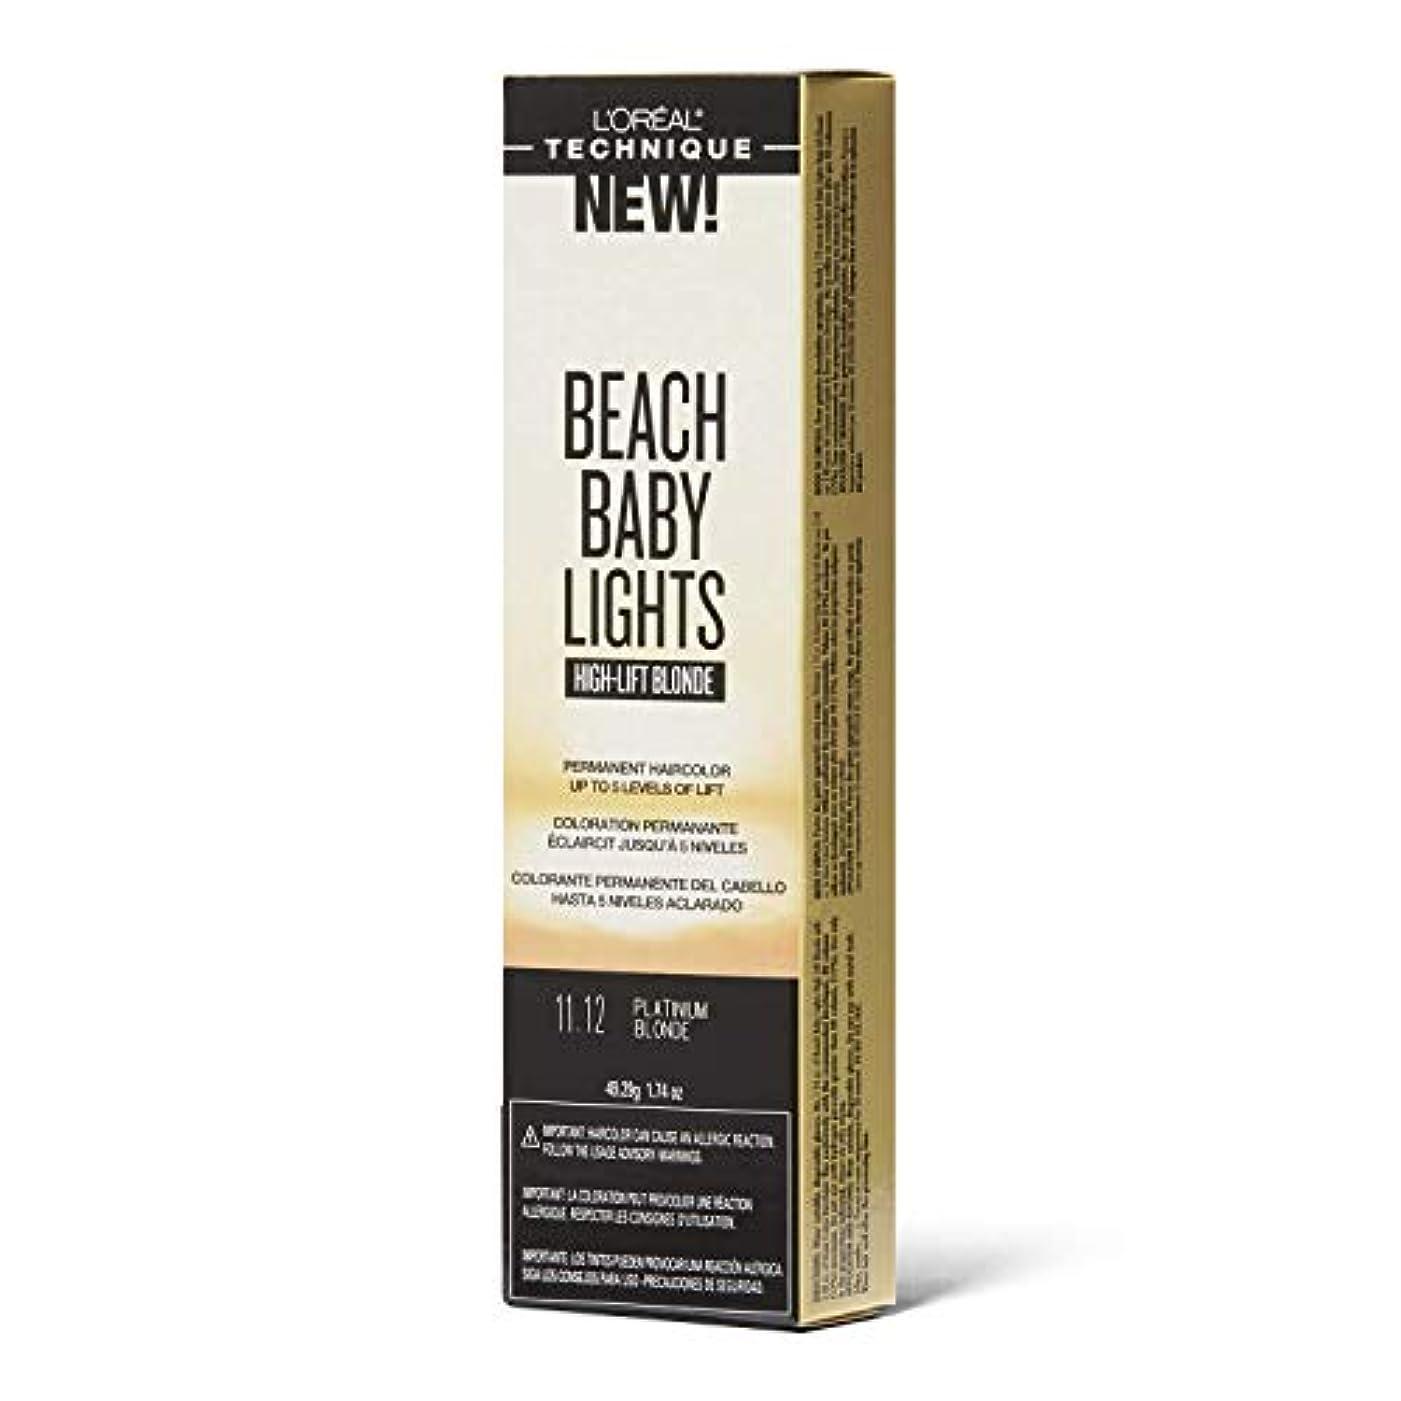 財布適応支配的L'Oreal Paris L'Orealのビーチ赤ちゃんライトハイリフトプラチナブロンド11.12プラチナブロンド